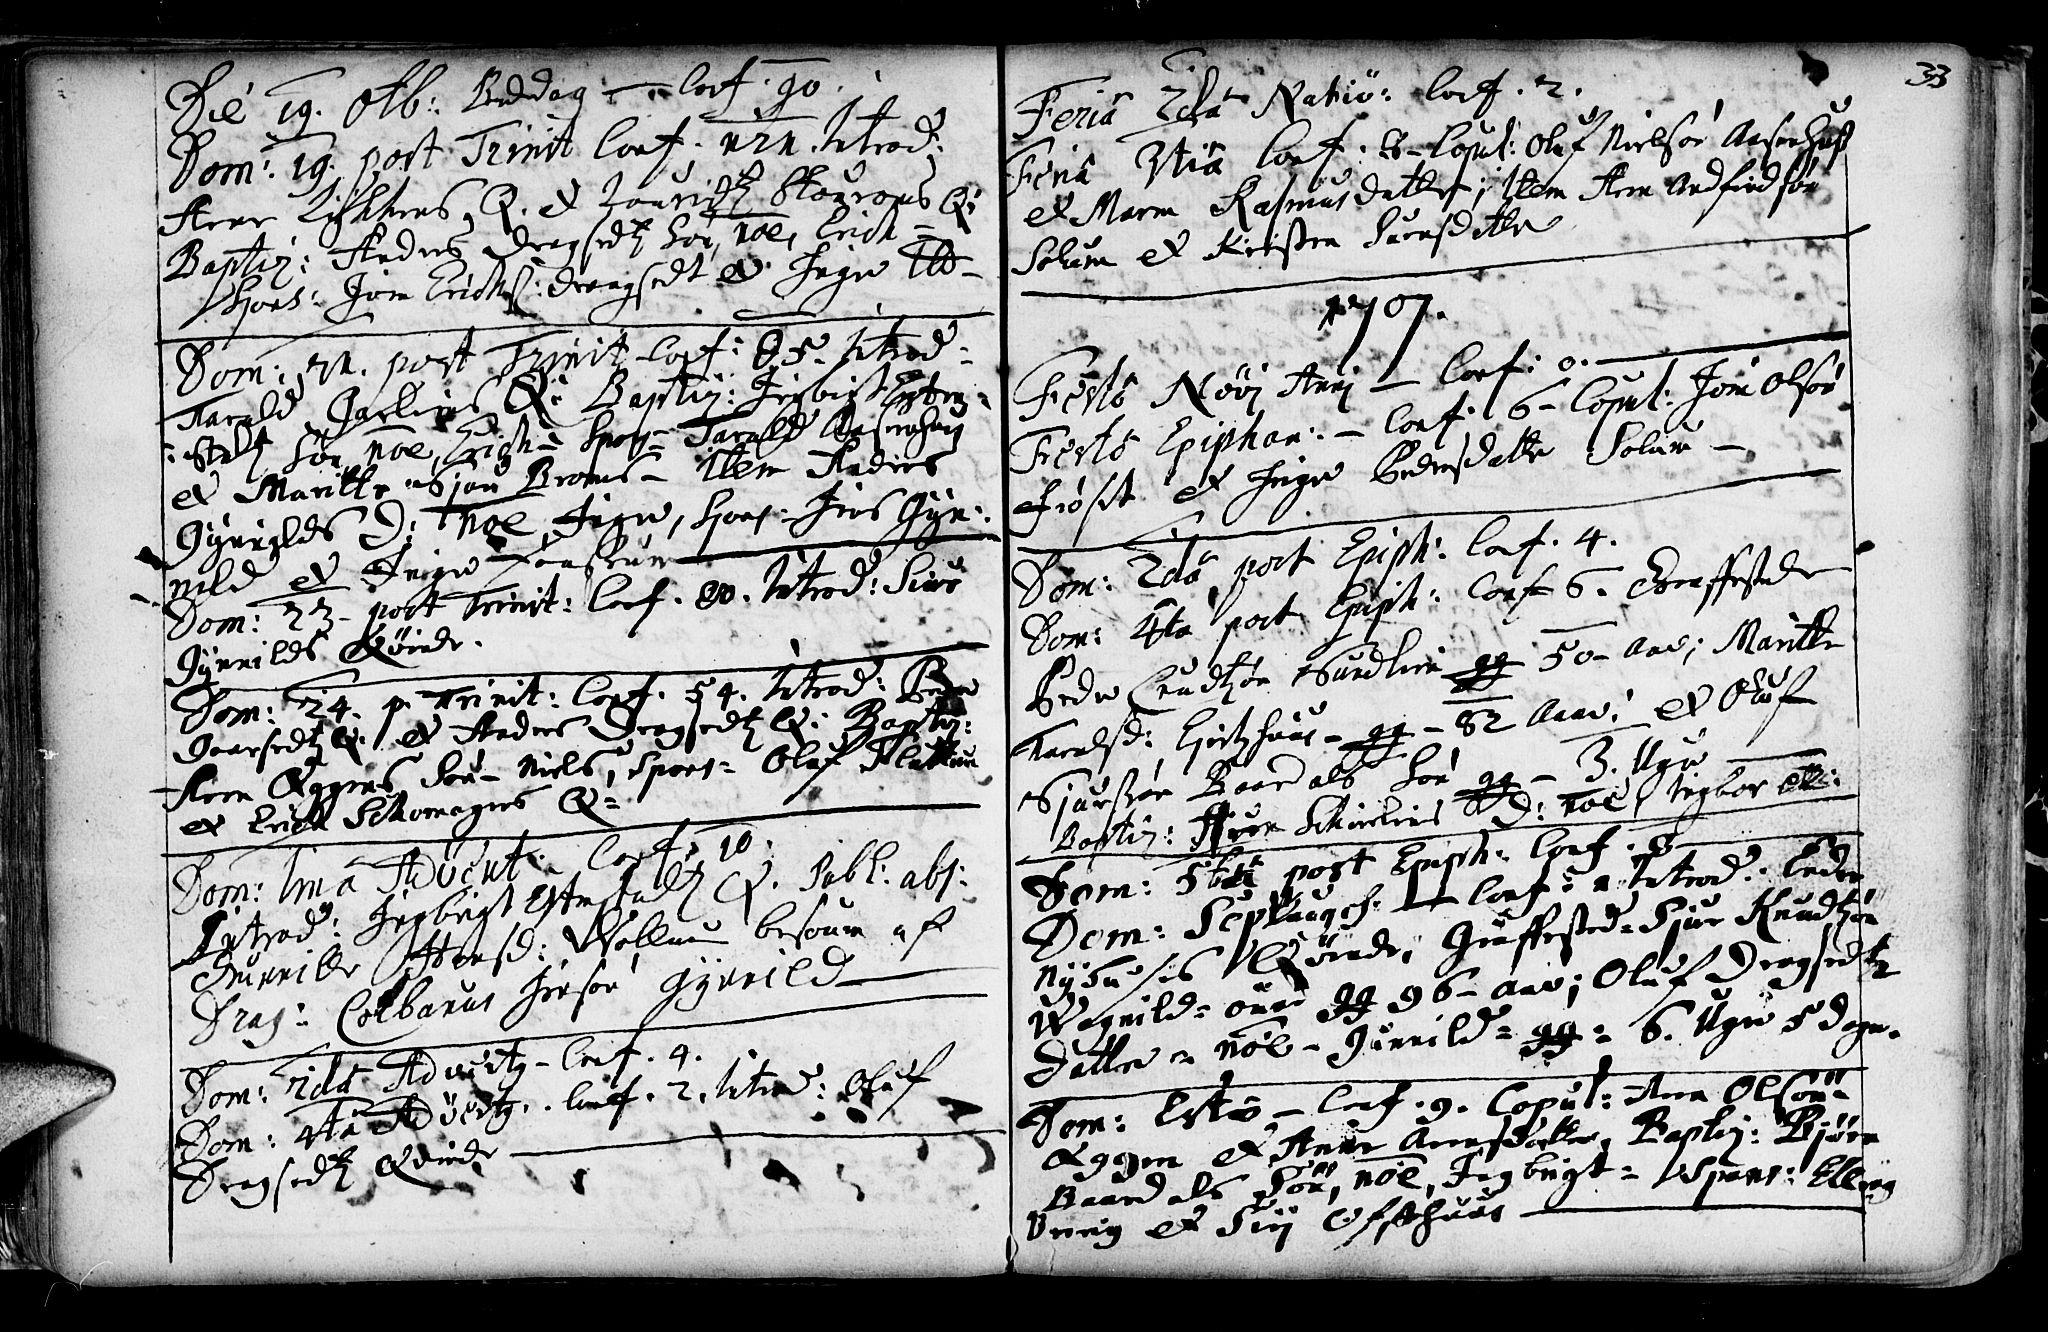 SAT, Ministerialprotokoller, klokkerbøker og fødselsregistre - Sør-Trøndelag, 689/L1036: Ministerialbok nr. 689A01, 1696-1746, s. 33